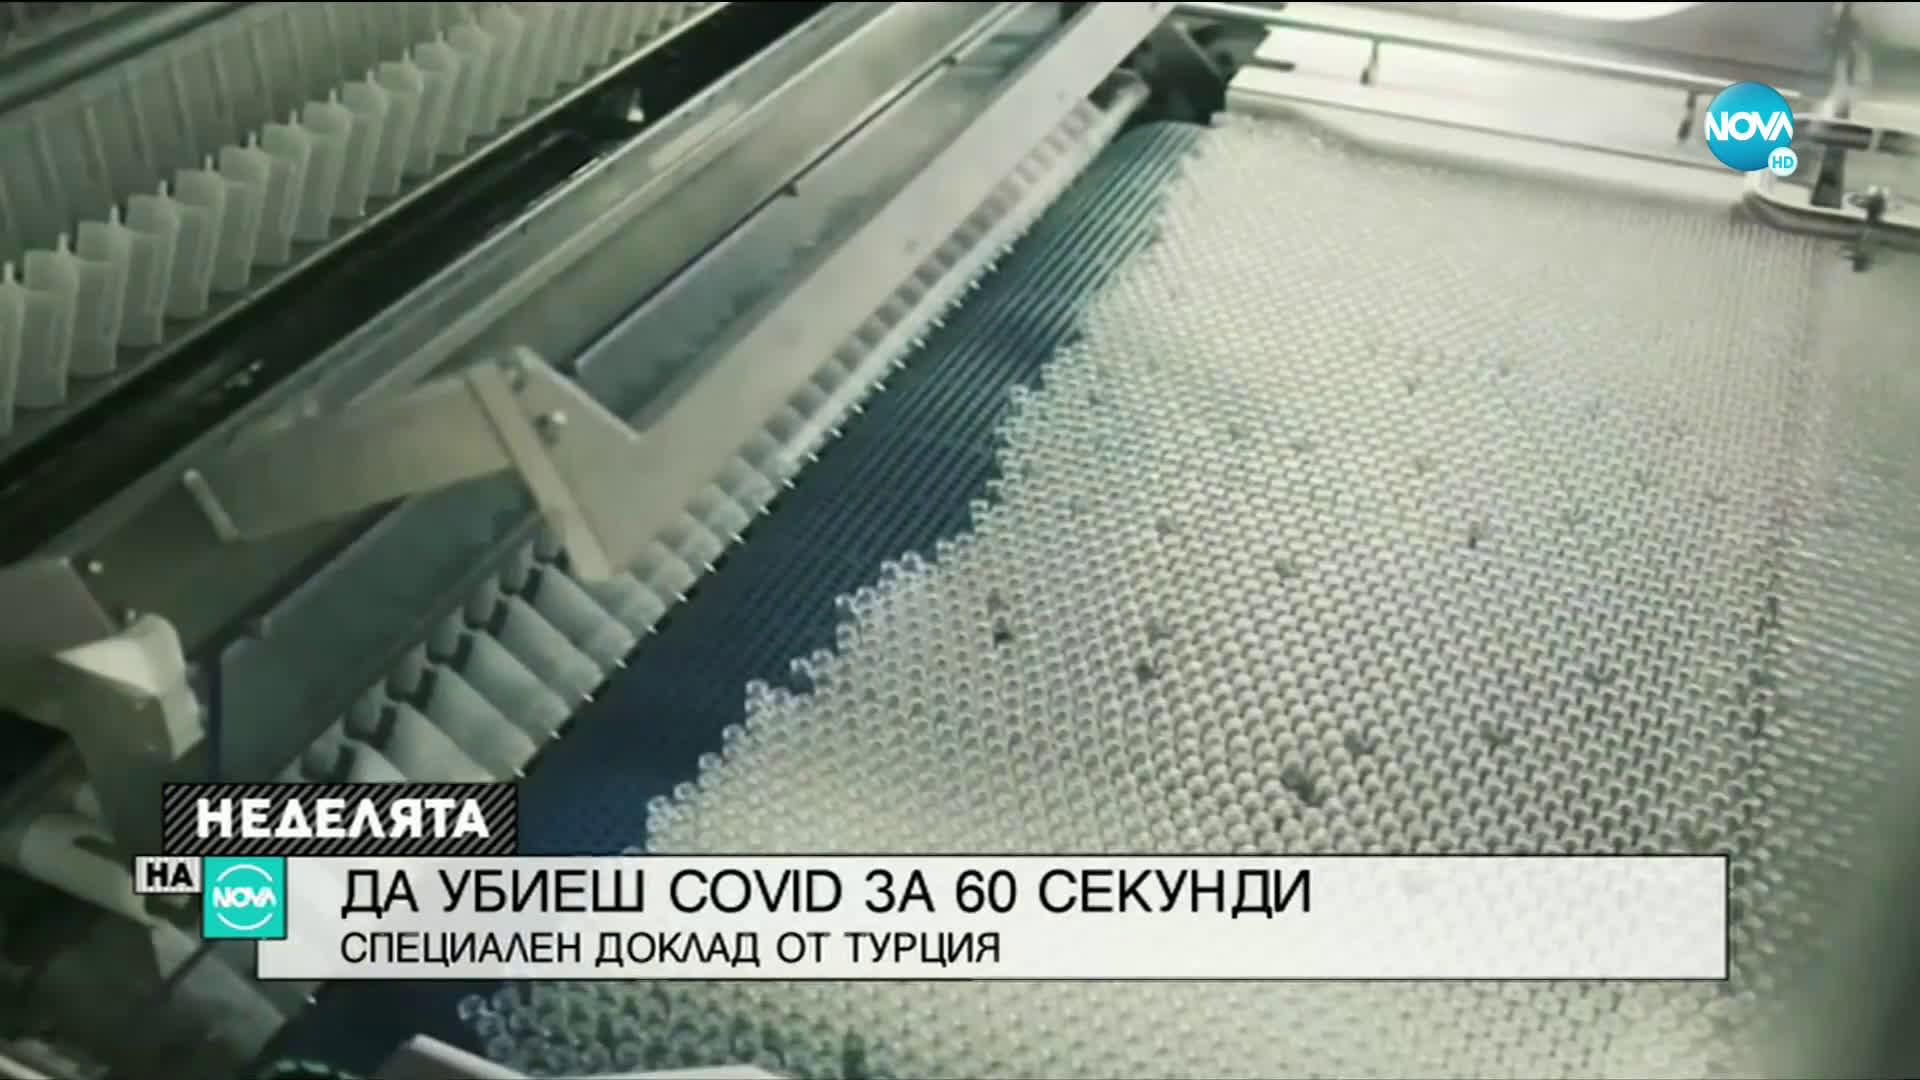 ПРОБИВ: Турски учени твърдят, че са разработили спрей, убиващ COVID-19 за минута